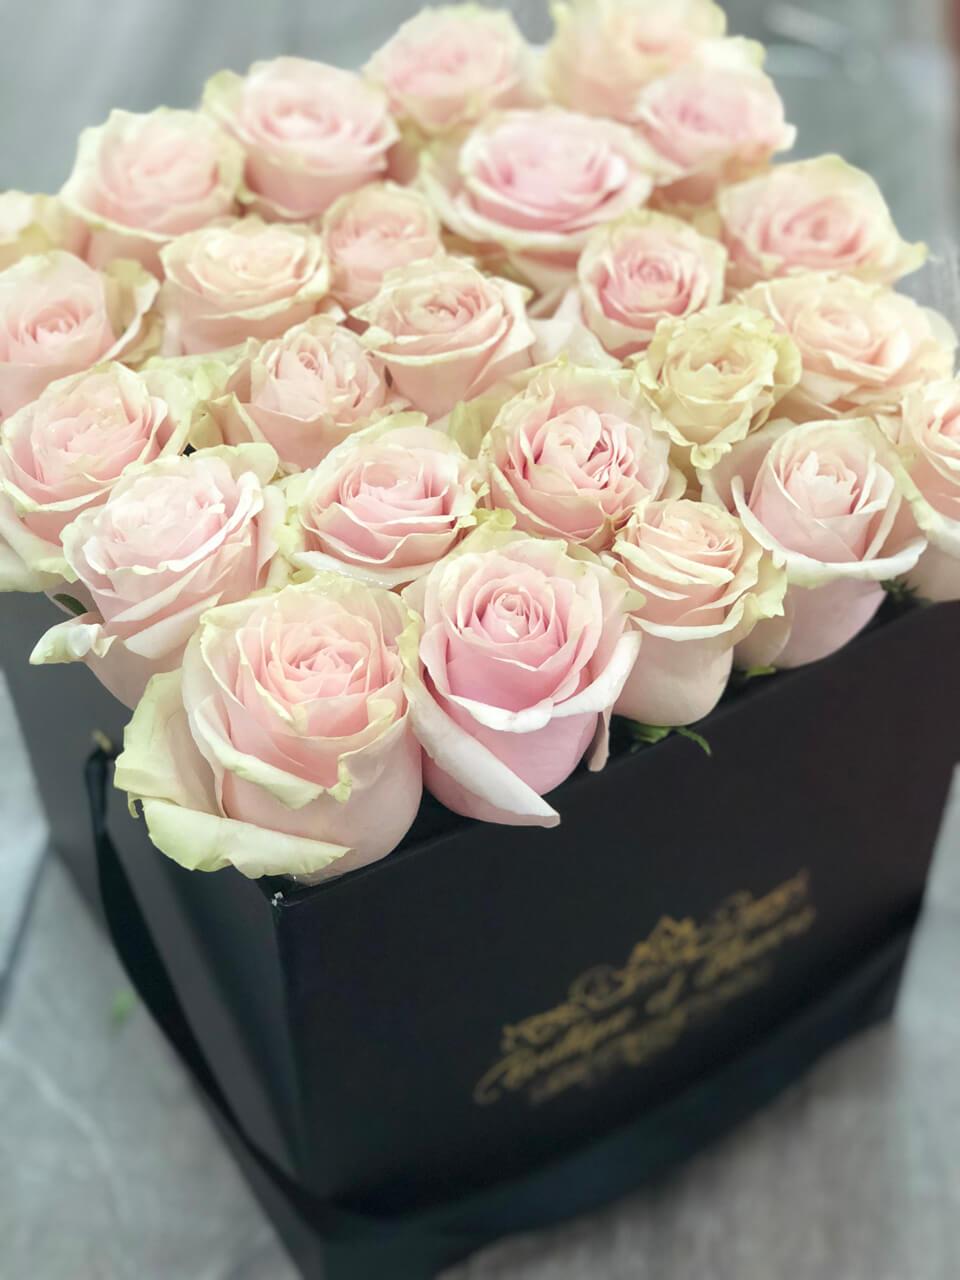 Mundial  rose medium  black  square box